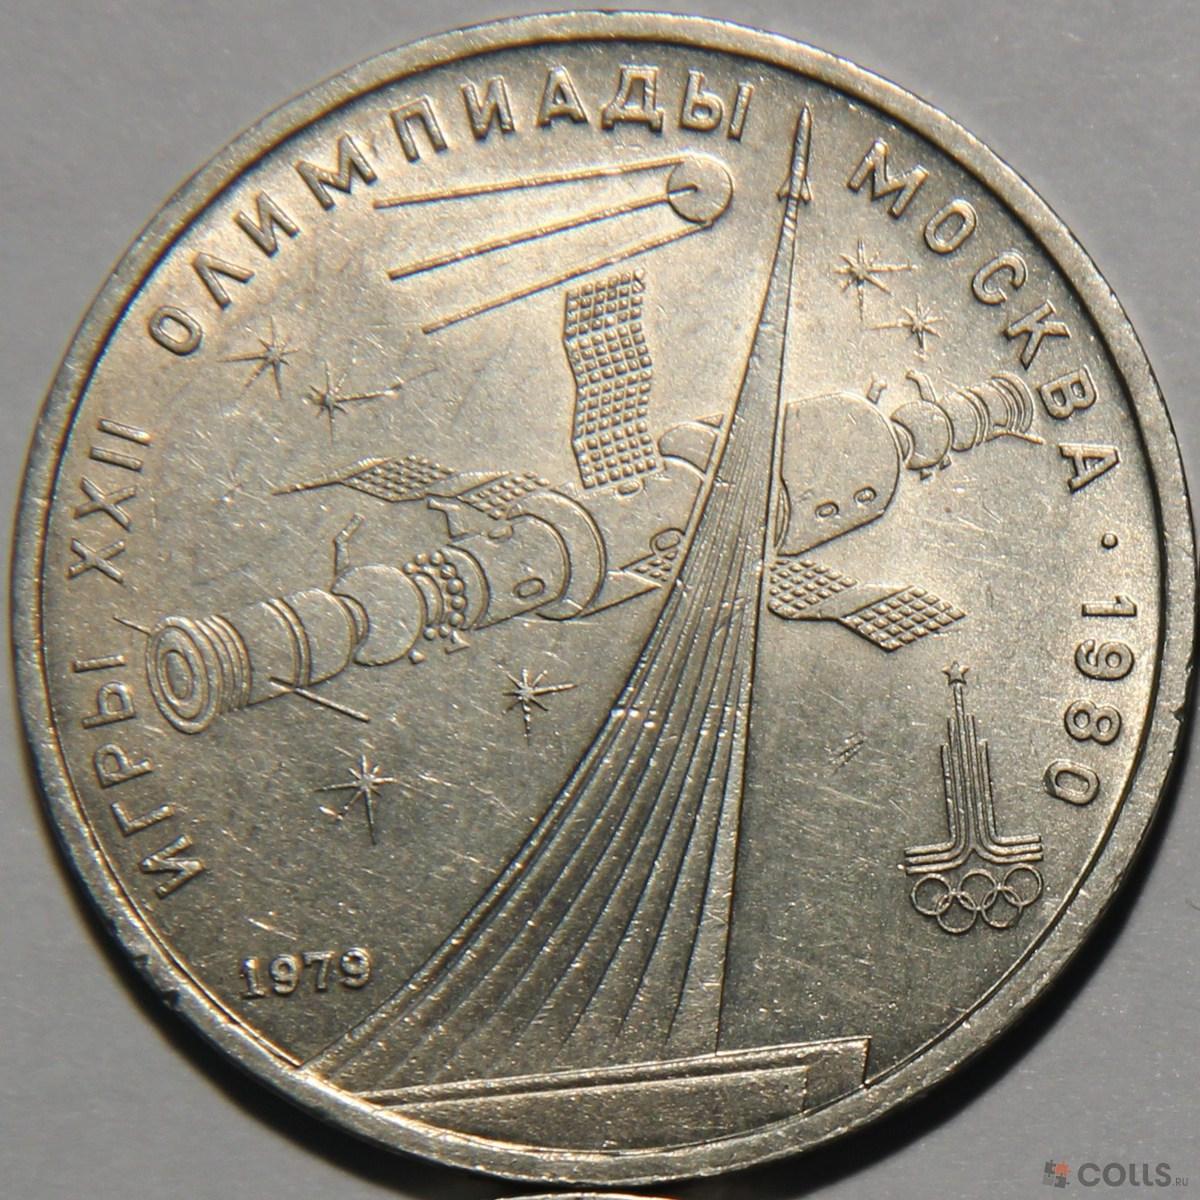 Монеты олимпиада 80 1 рубль фото 100 рублей